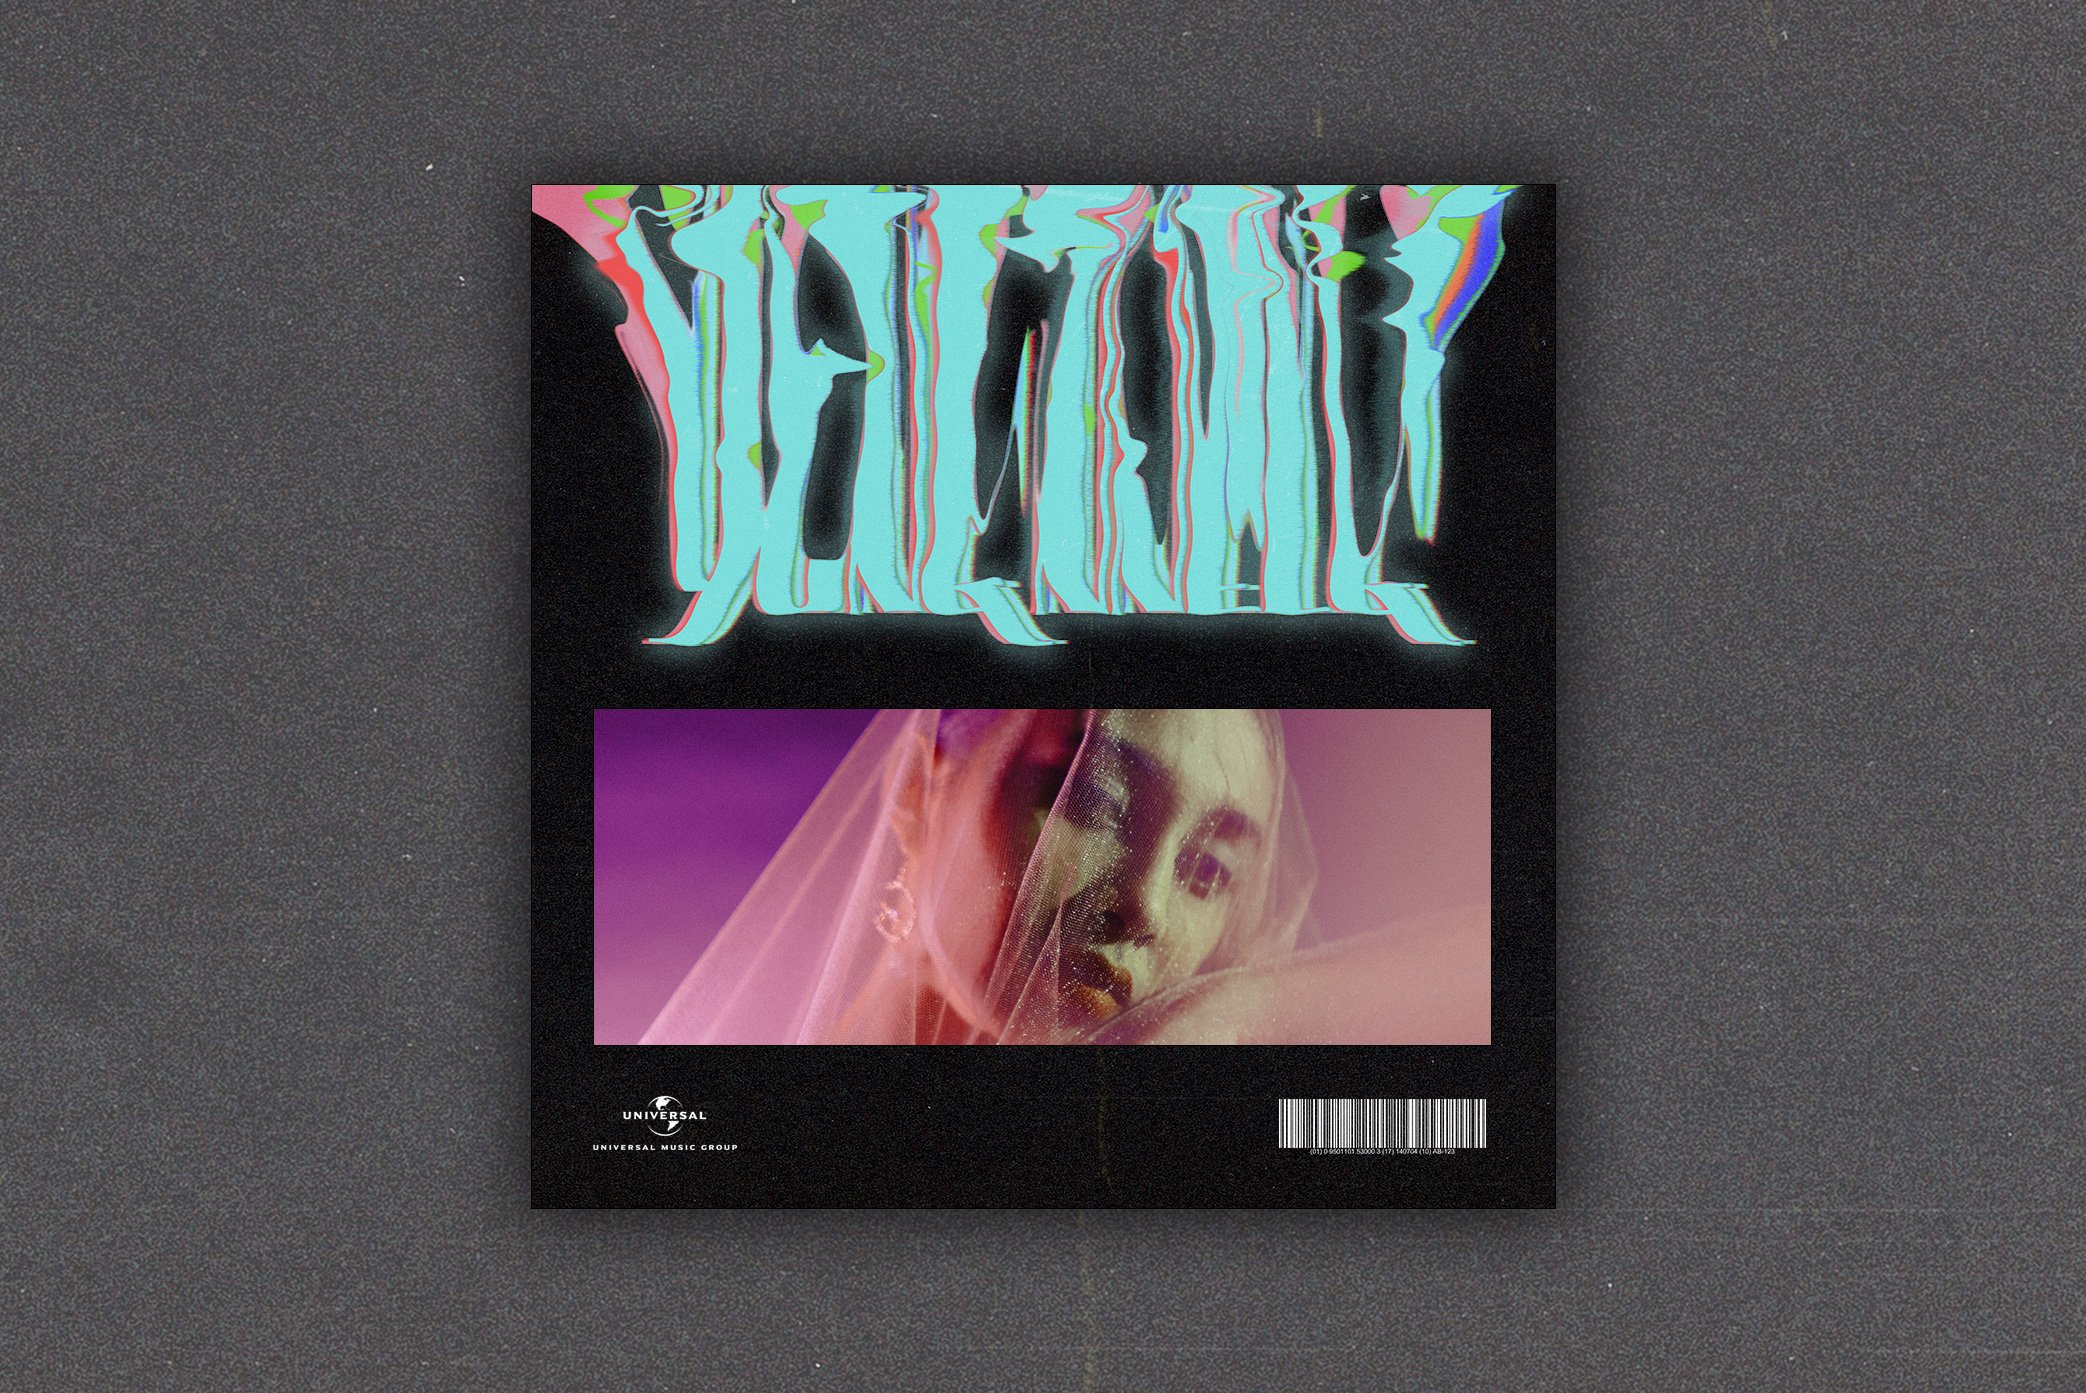 抽象故障流体扭曲毛刺效果海报标题字体设计PS样式模板 Glitchify插图(1)